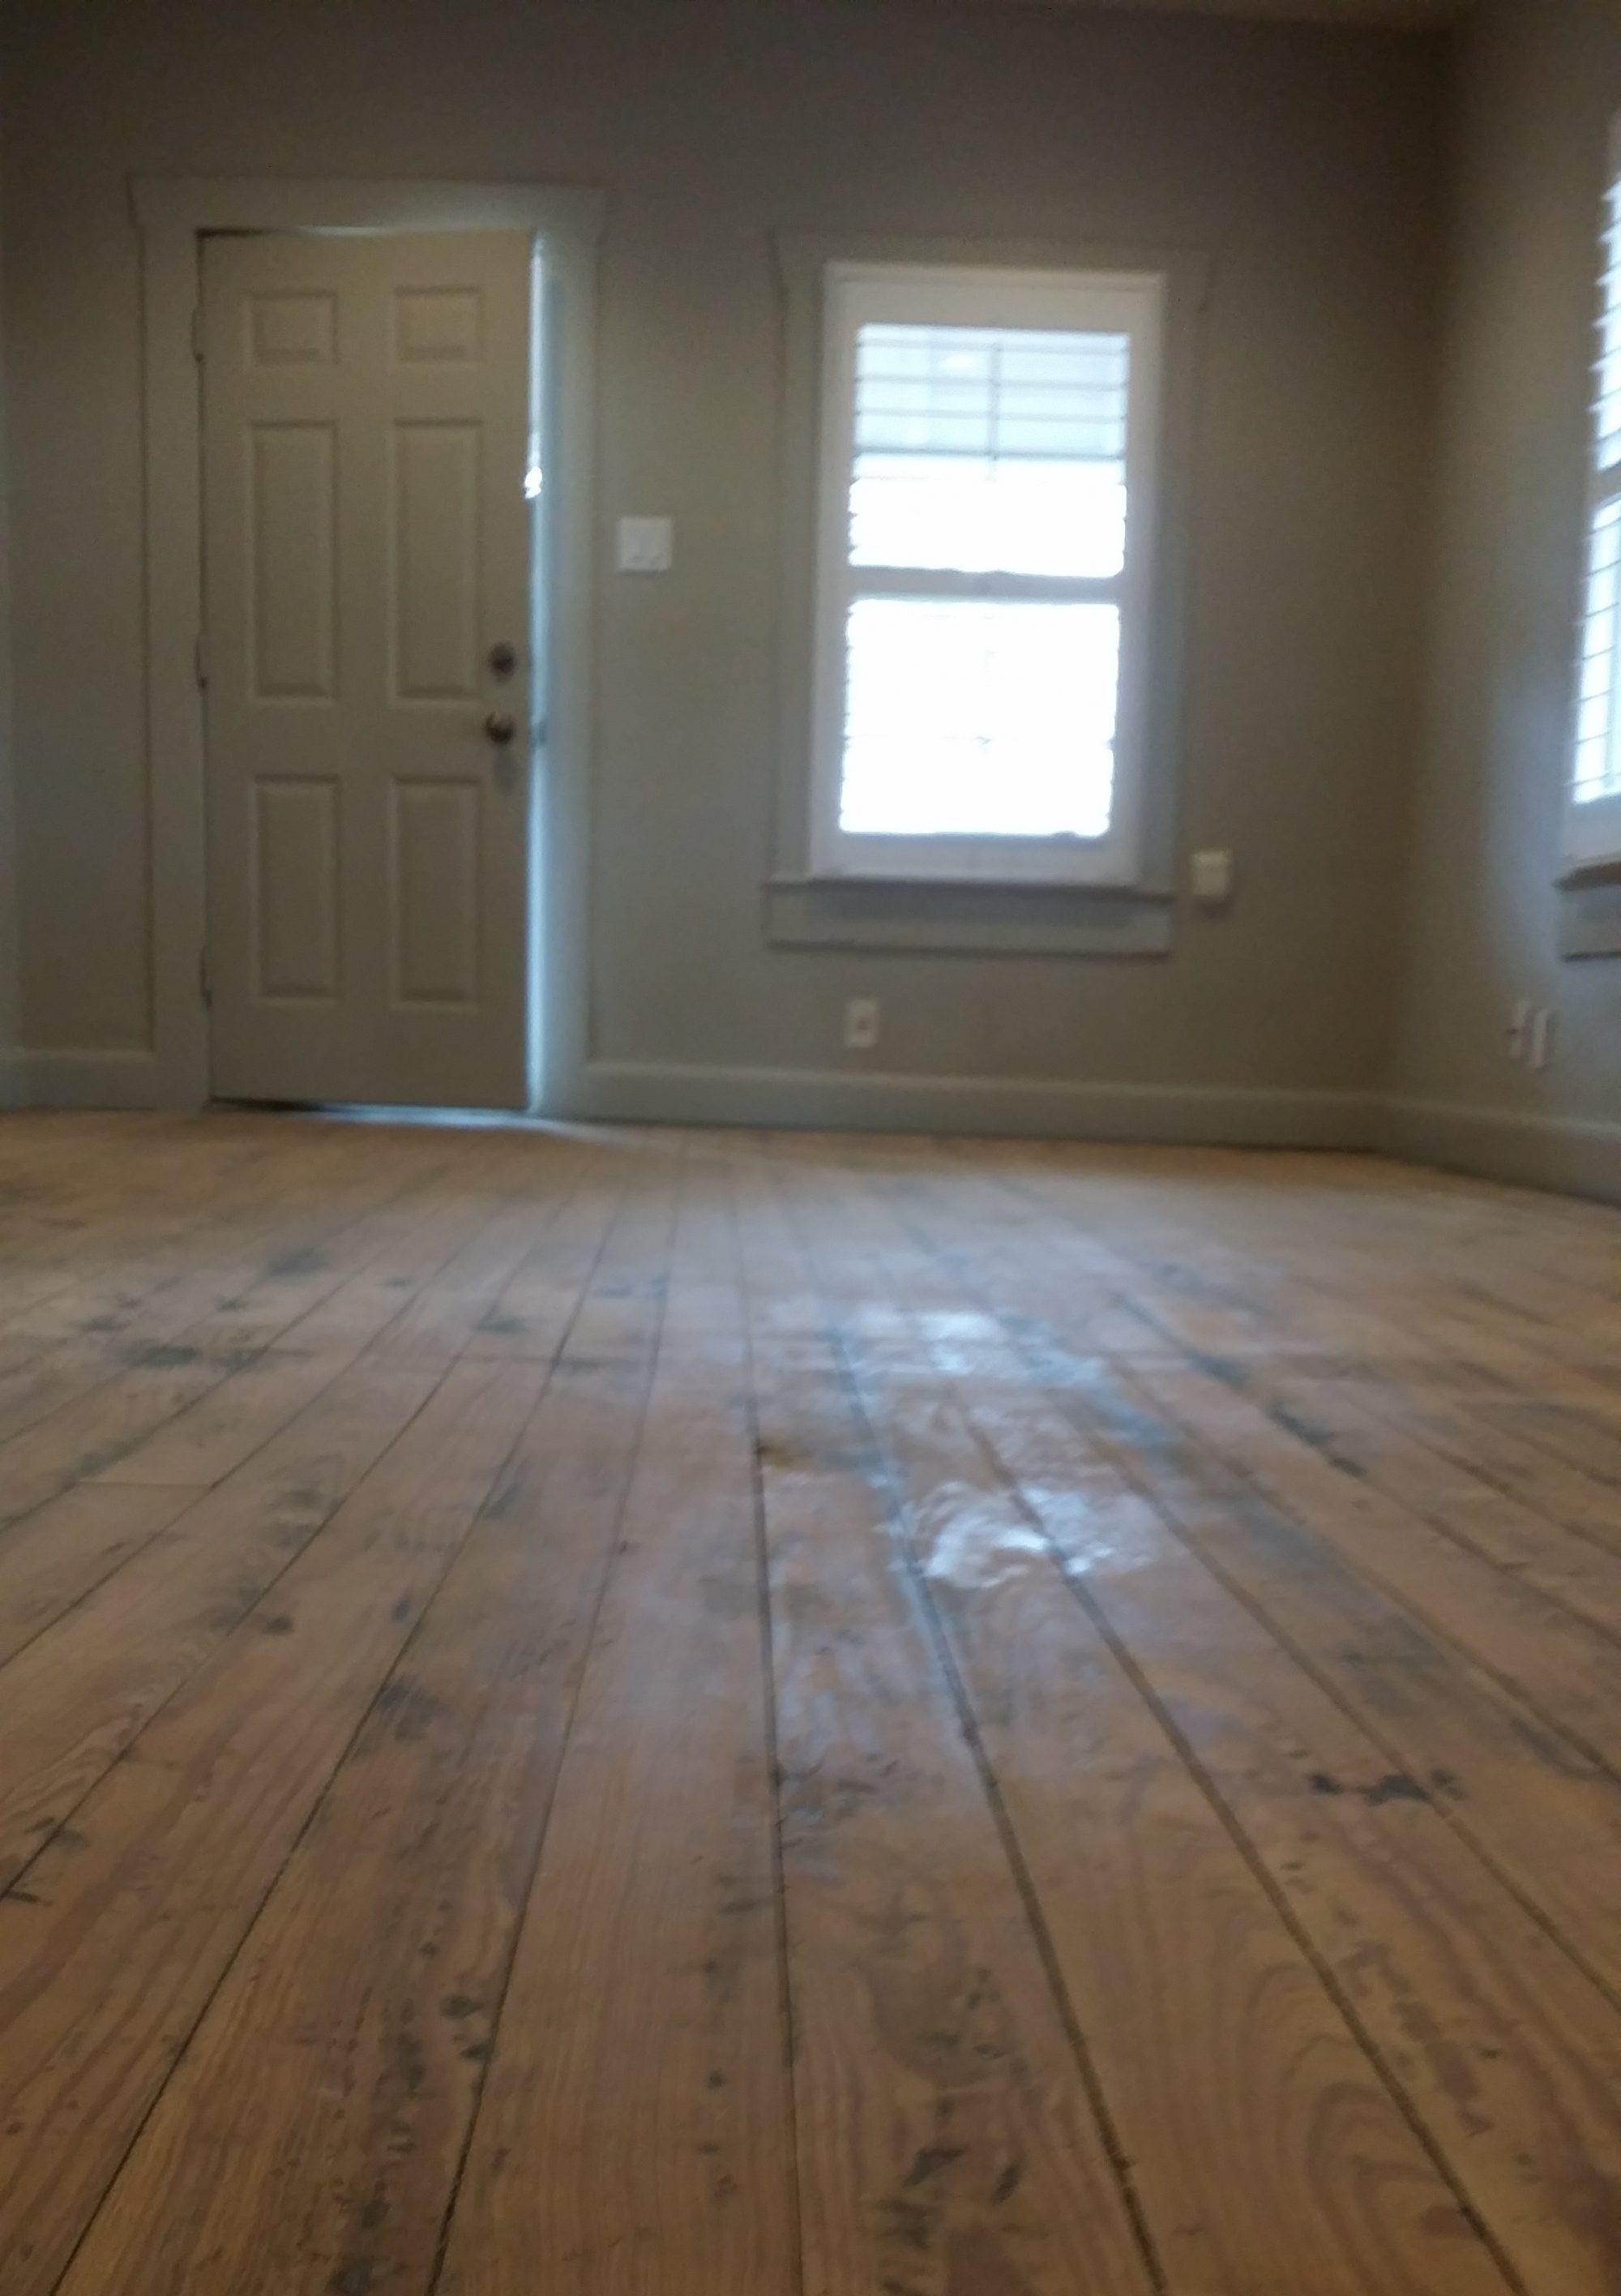 resurfacing vs refinishing hardwood floors of refinishing hardwood flooring company with hardwood flooring company